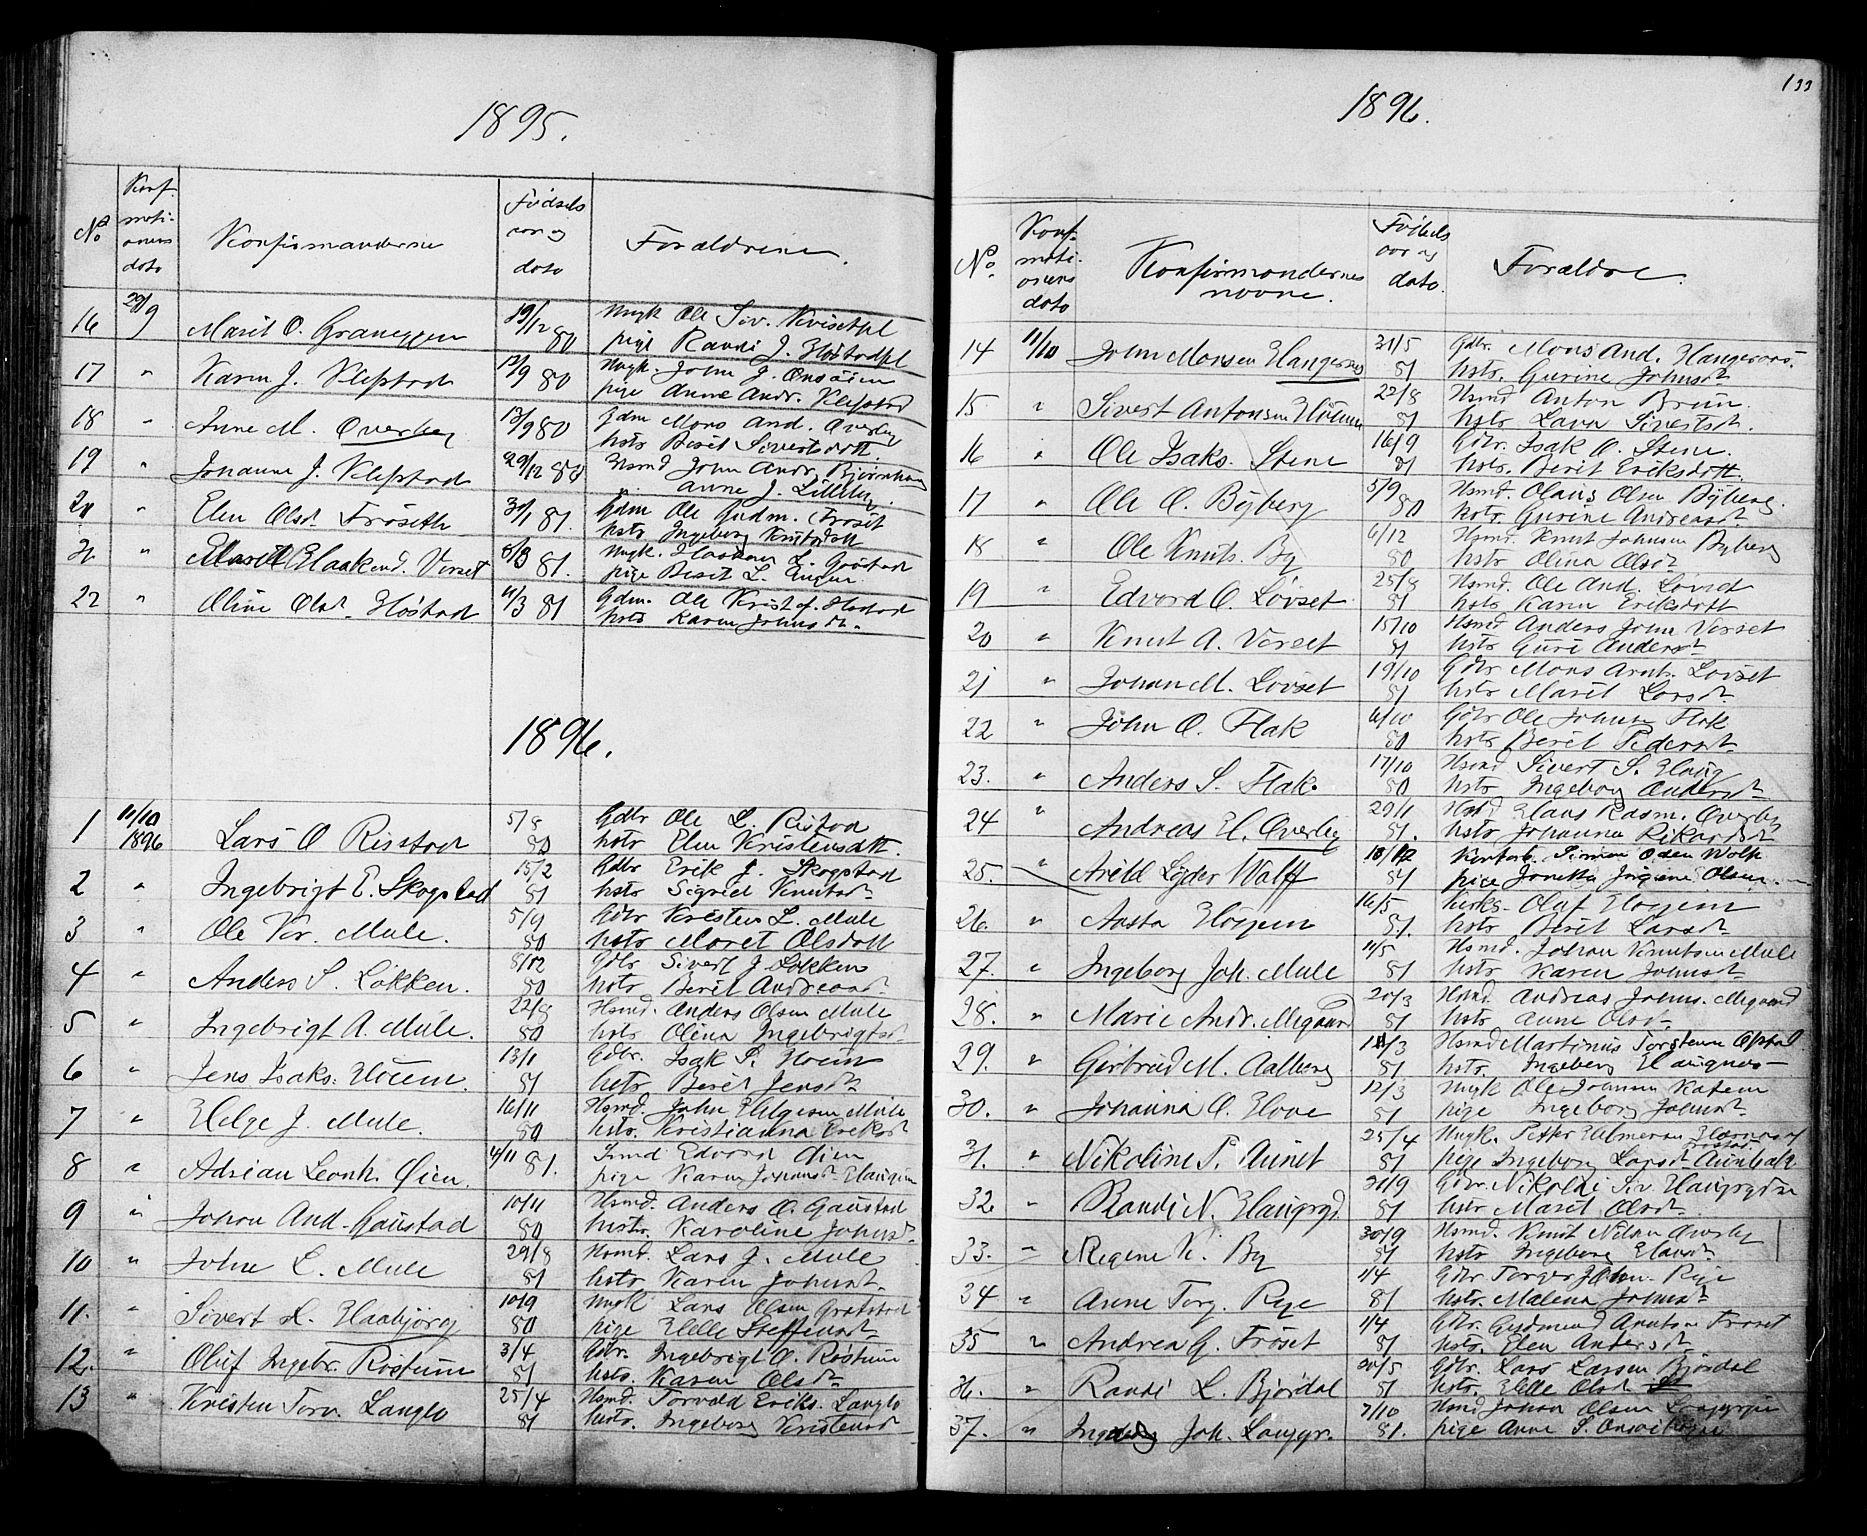 SAT, Ministerialprotokoller, klokkerbøker og fødselsregistre - Sør-Trøndelag, 612/L0387: Klokkerbok nr. 612C03, 1874-1908, s. 133